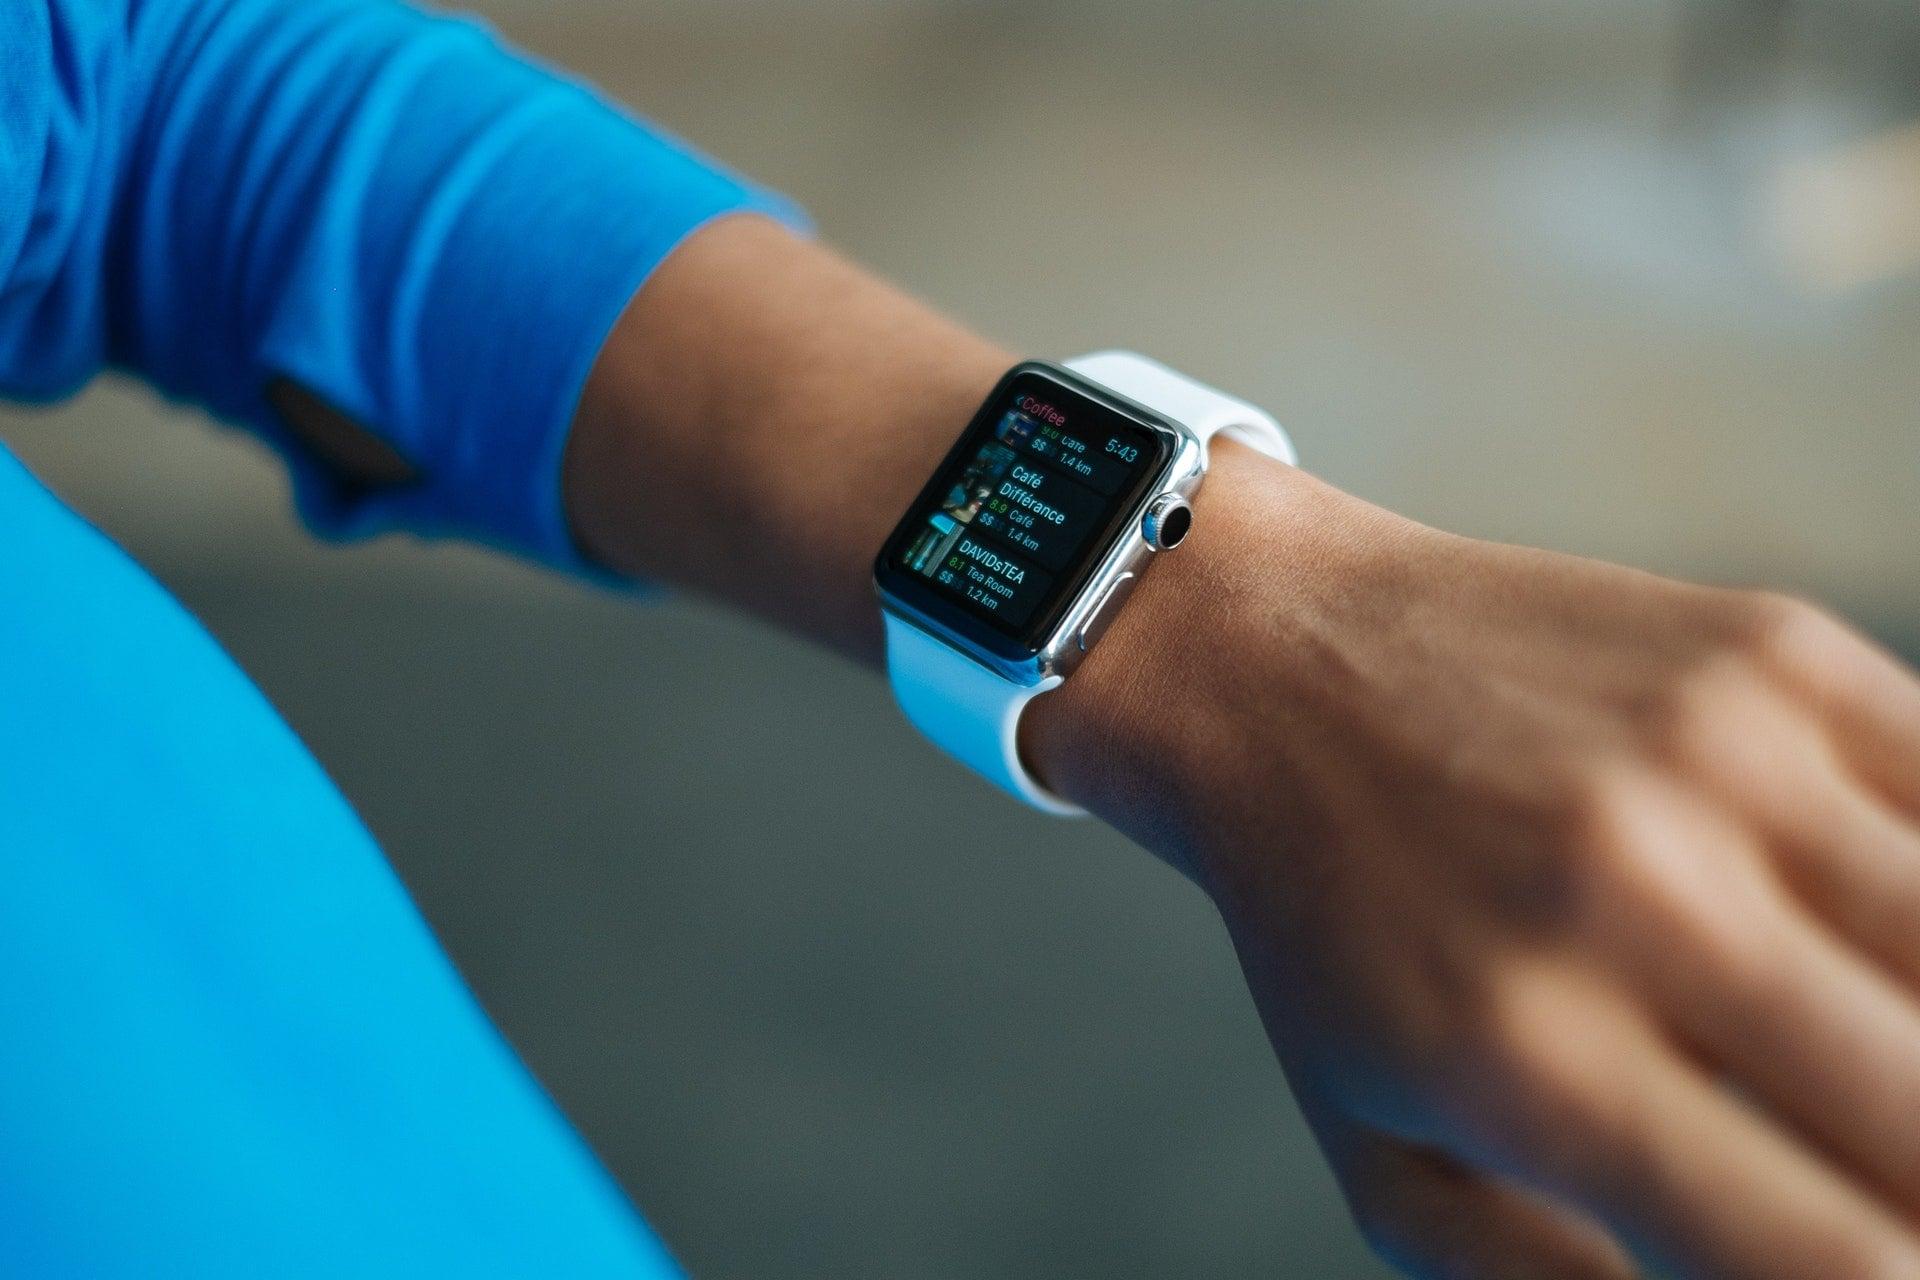 Apple Watch najpopularniejszym smartwatchem. Sprzedaż jestimponująca 27